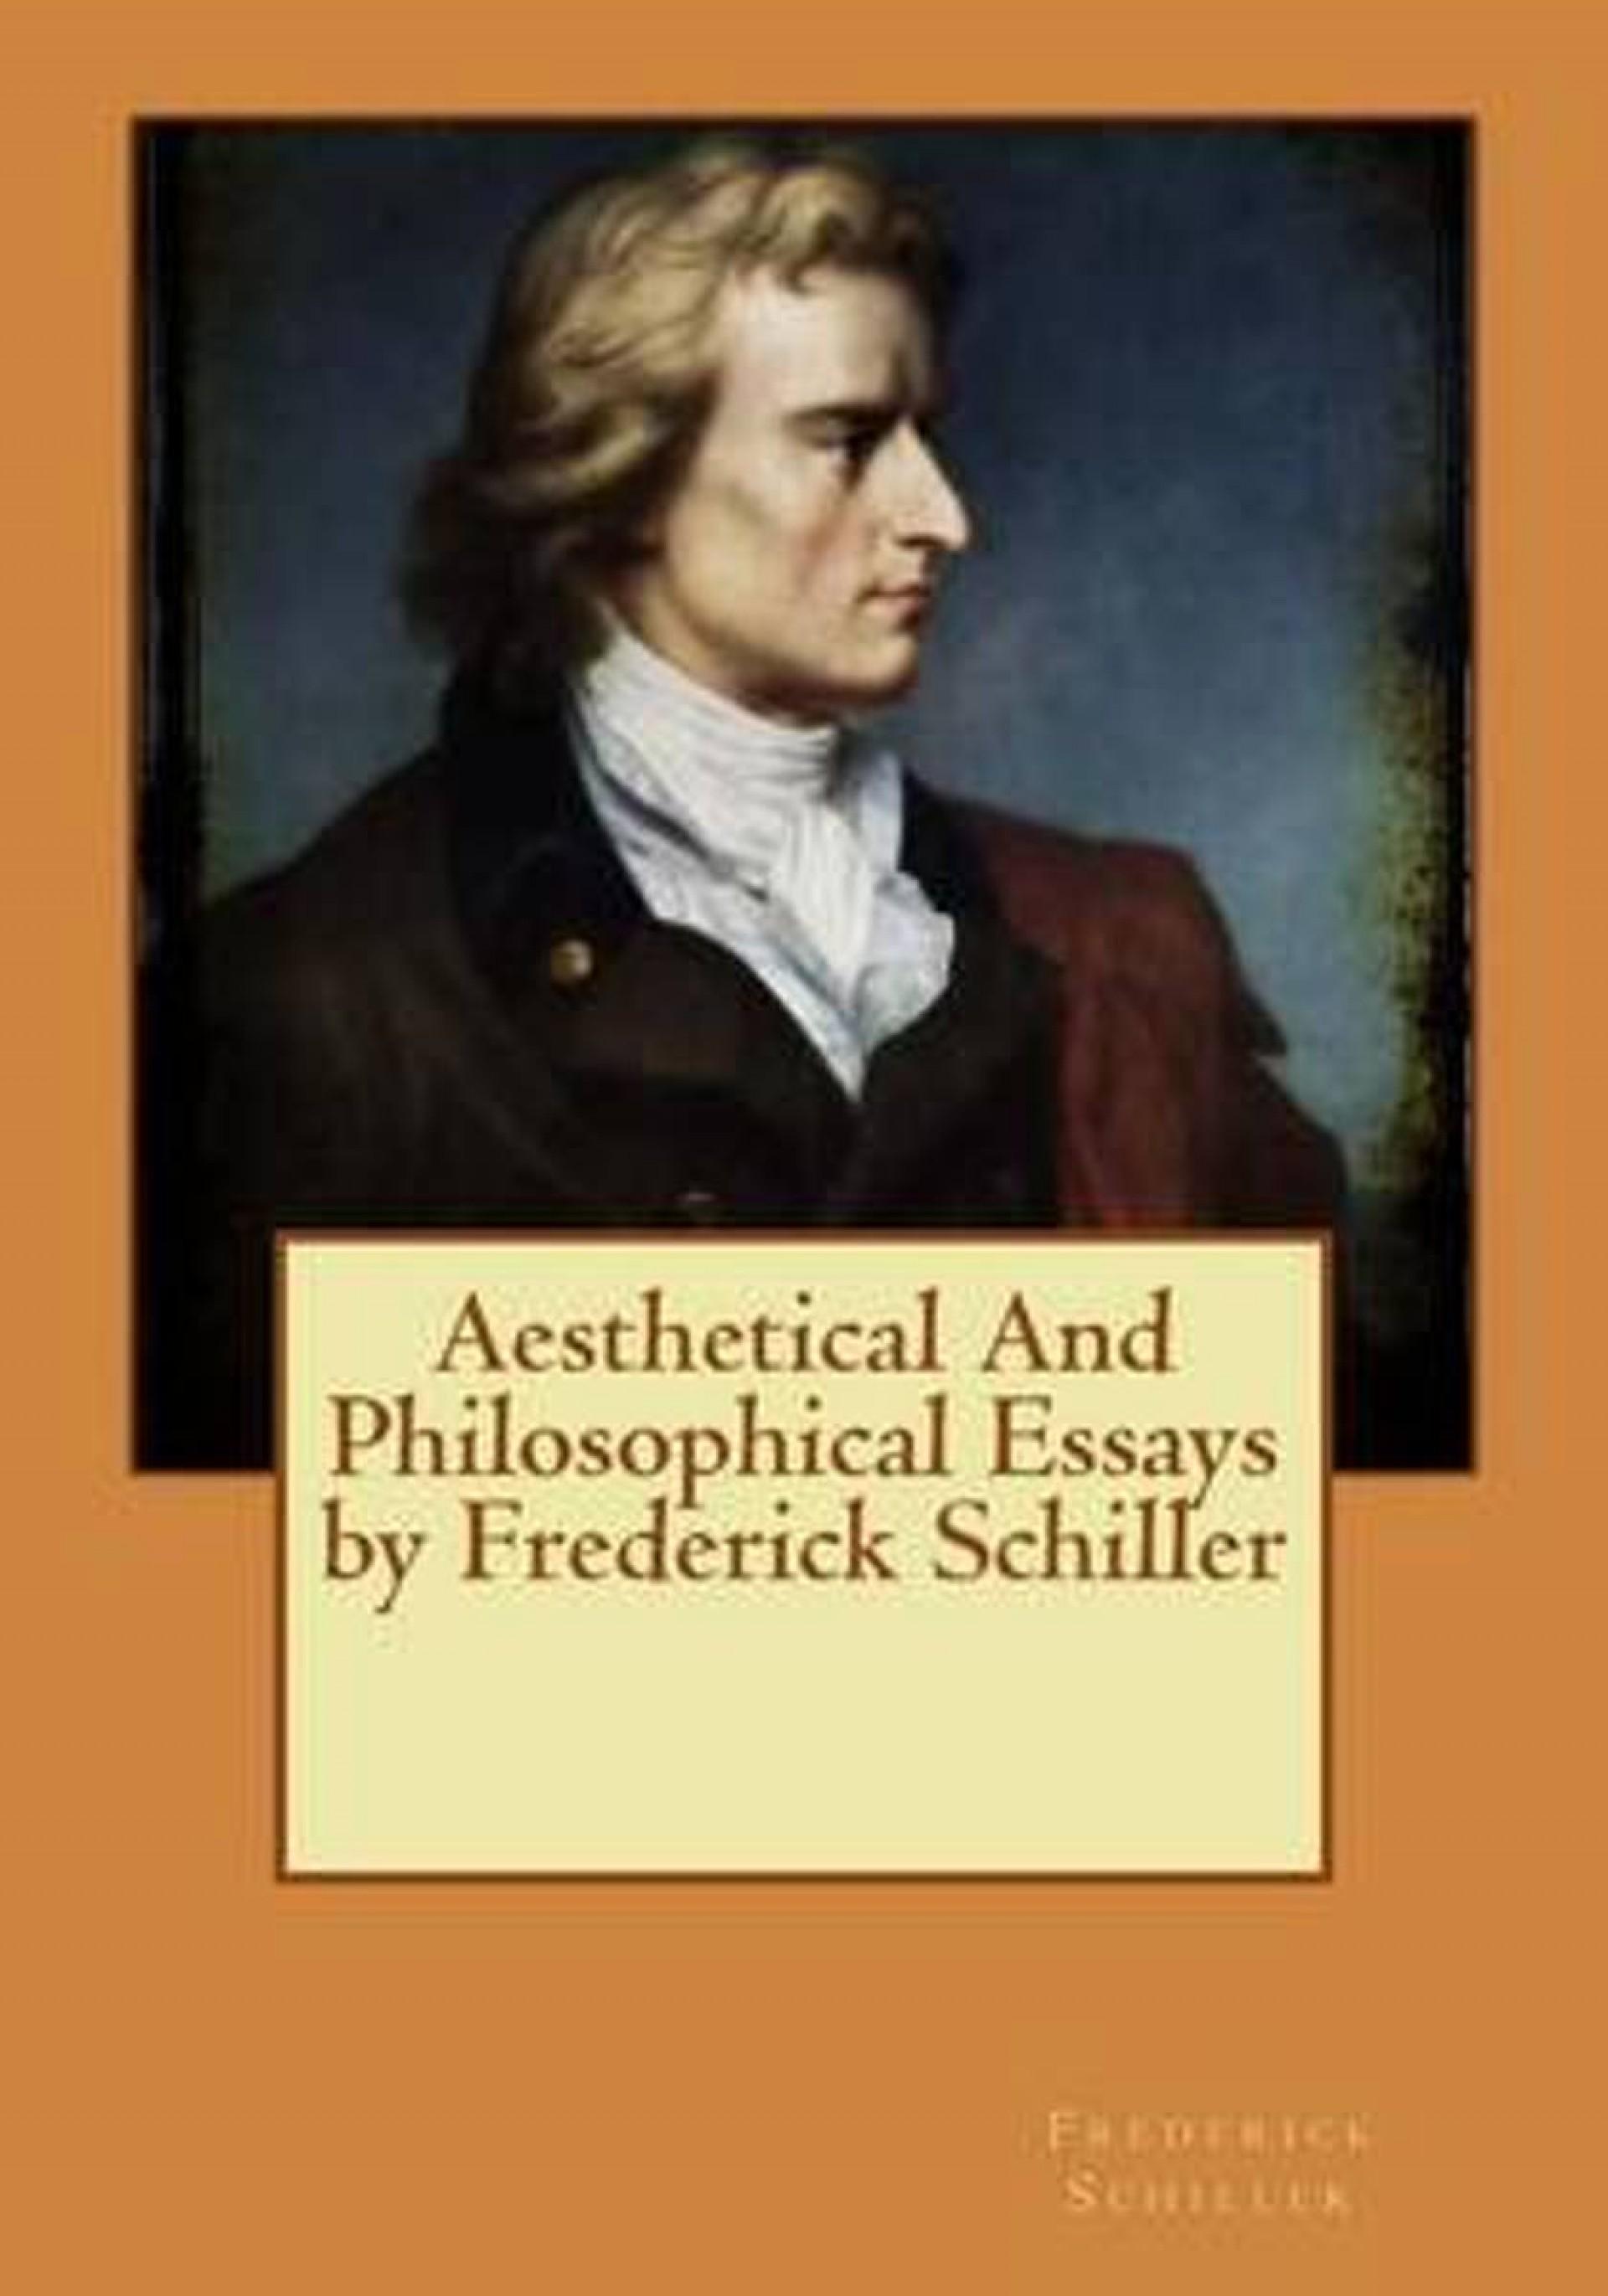 011 Essay Example Schiller Awful Essays Friedrich 1920